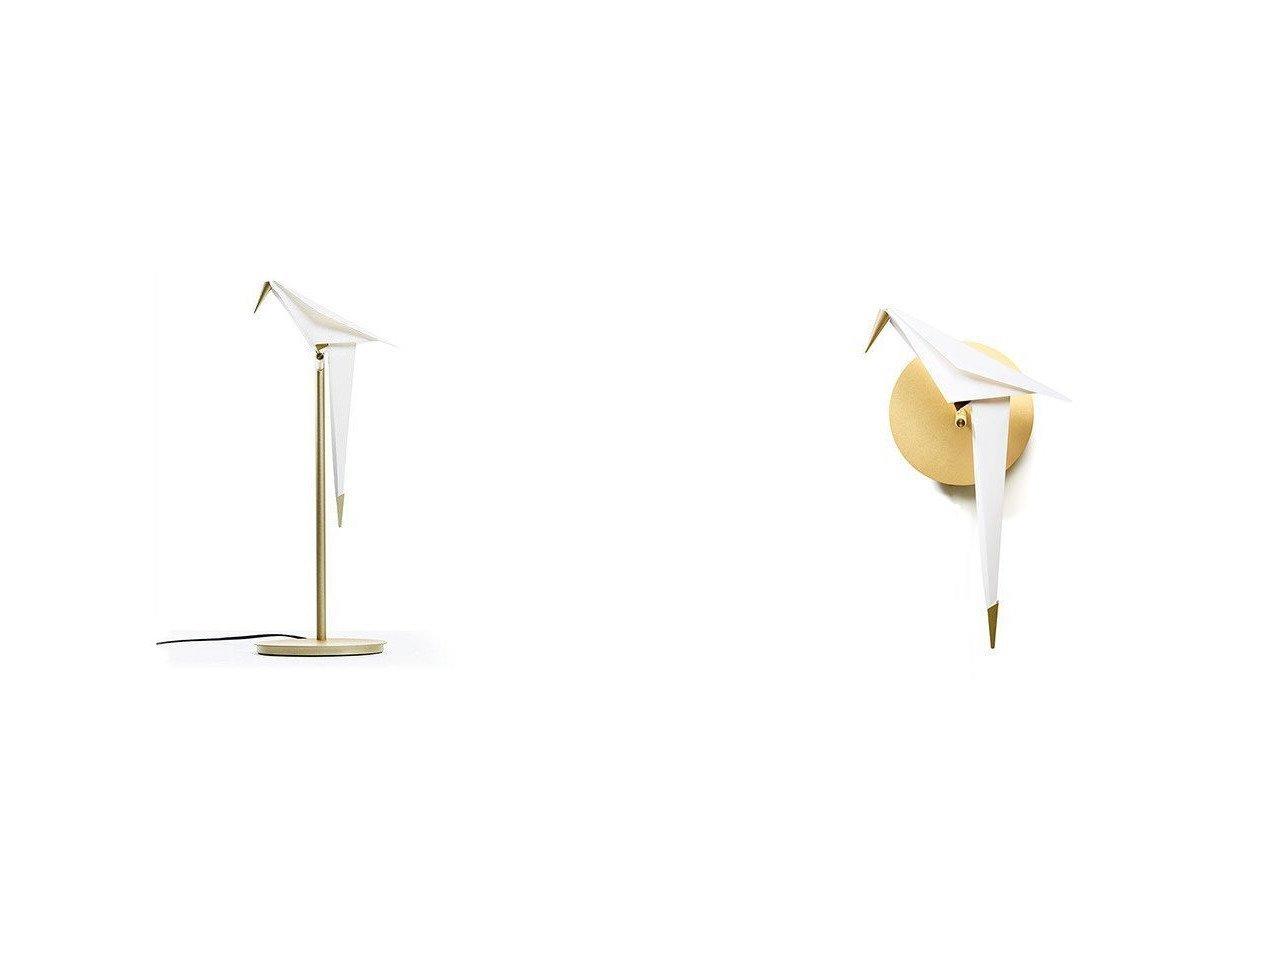 【moooi/モーイ】のパーチライト テーブル&パーチライト ウォール S 【FURNITURE ライト・照明】おすすめ!人気、インテリア雑貨・家具の通販 おすすめで人気の流行・トレンド、ファッションの通販商品 インテリア・家具・メンズファッション・キッズファッション・レディースファッション・服の通販 founy(ファニー) https://founy.com/ 送料無料 Free Shipping テーブル バランス モチーフ ホーム・キャンプ・アウトドア Home,Garden,Outdoor,Camping Gear 家具・インテリア Furniture ライト・照明 Lighting & Light Fixtures  ID:crp329100000052350